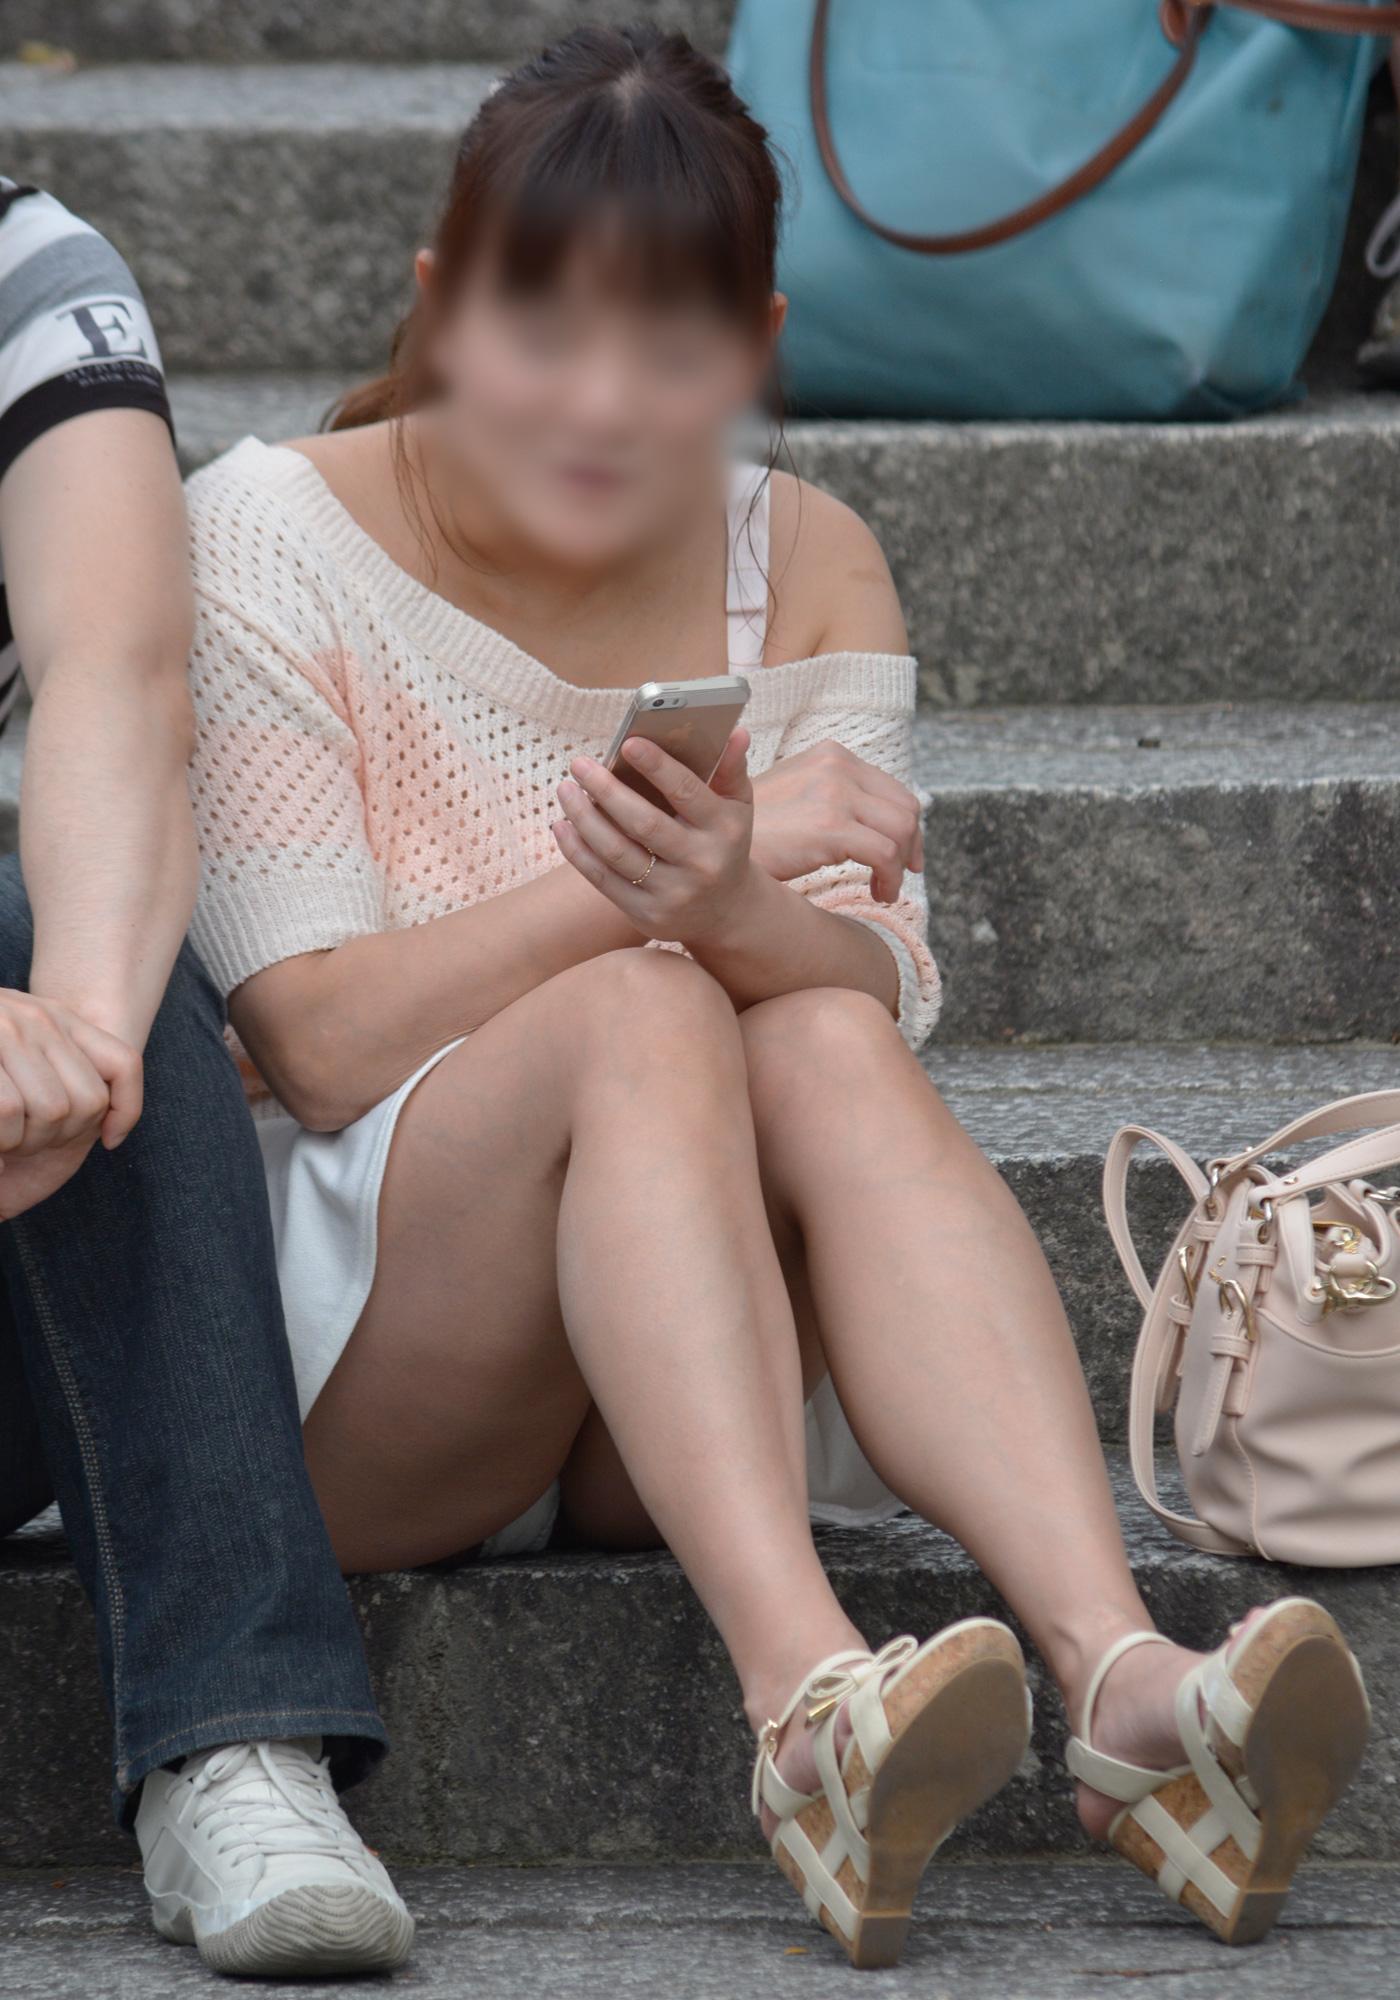 【パンチラエロ画像】短い×腰掛け=見えるって事ですw屋外座りチラ観察www 14